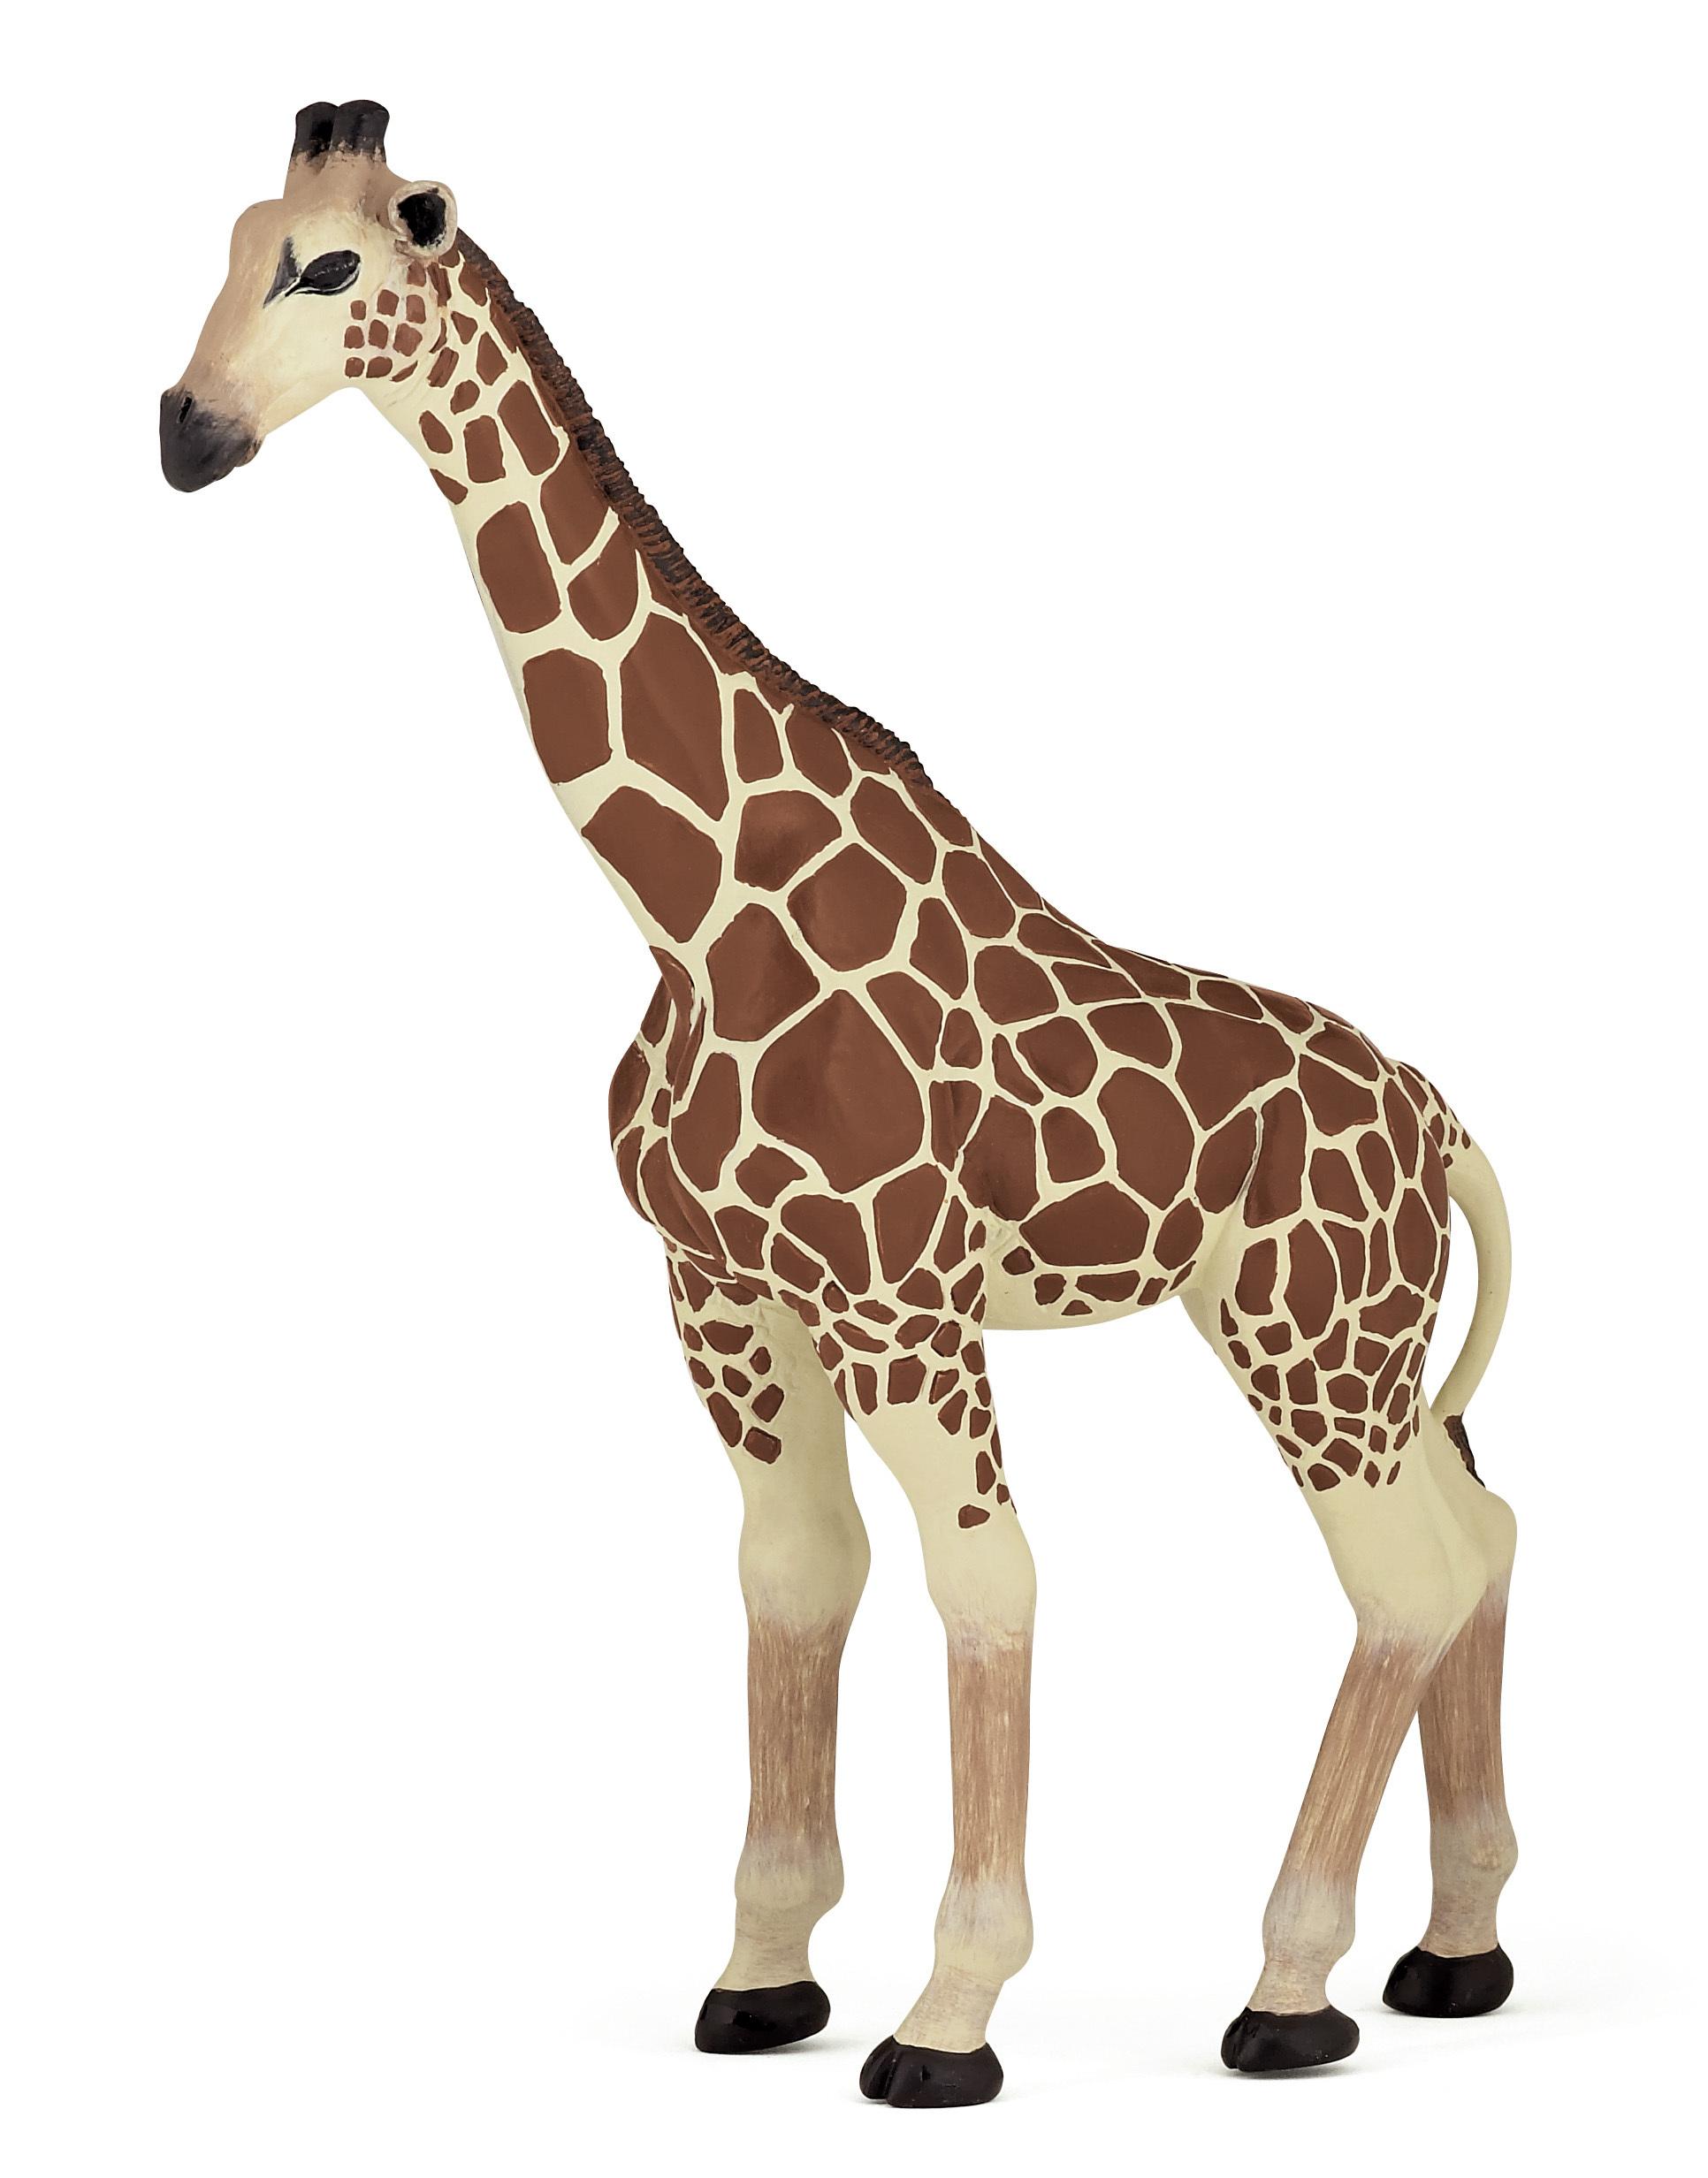 Girafe - PAPO - 50096